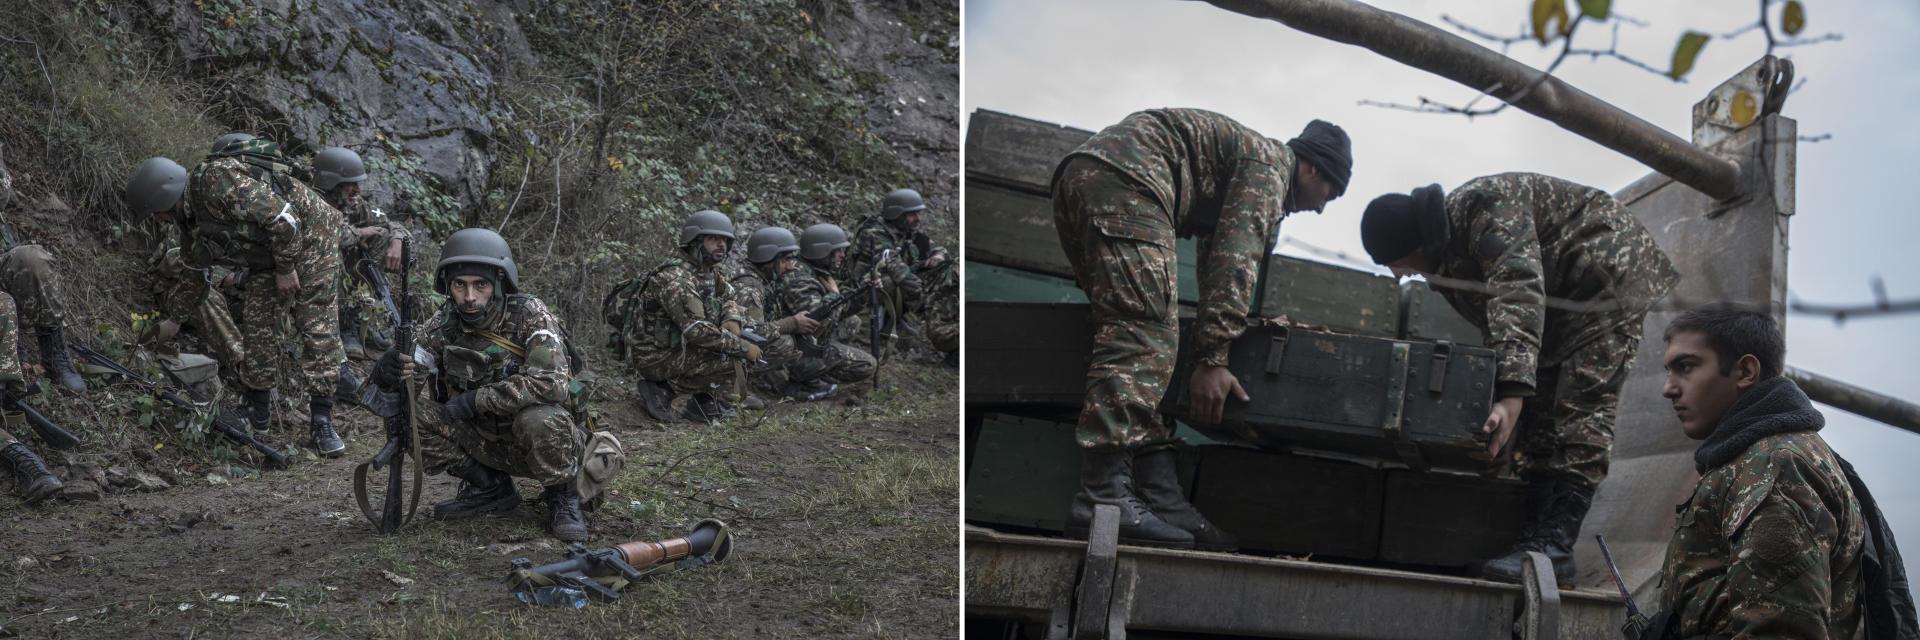 Des soldats karabakhtsis entre Chouchi et Stepanakert, sur la route exposée au snipers et à l'artillerie azerbaïdjanaise (à gauche). Les soldats d'une unité de chars karabakhtsis déchargent leurs munitions à l'entrée de Chouchi, sur la route qui mène à Stepanakert (à droite),Haut-Karabakh, le 6 novembre.